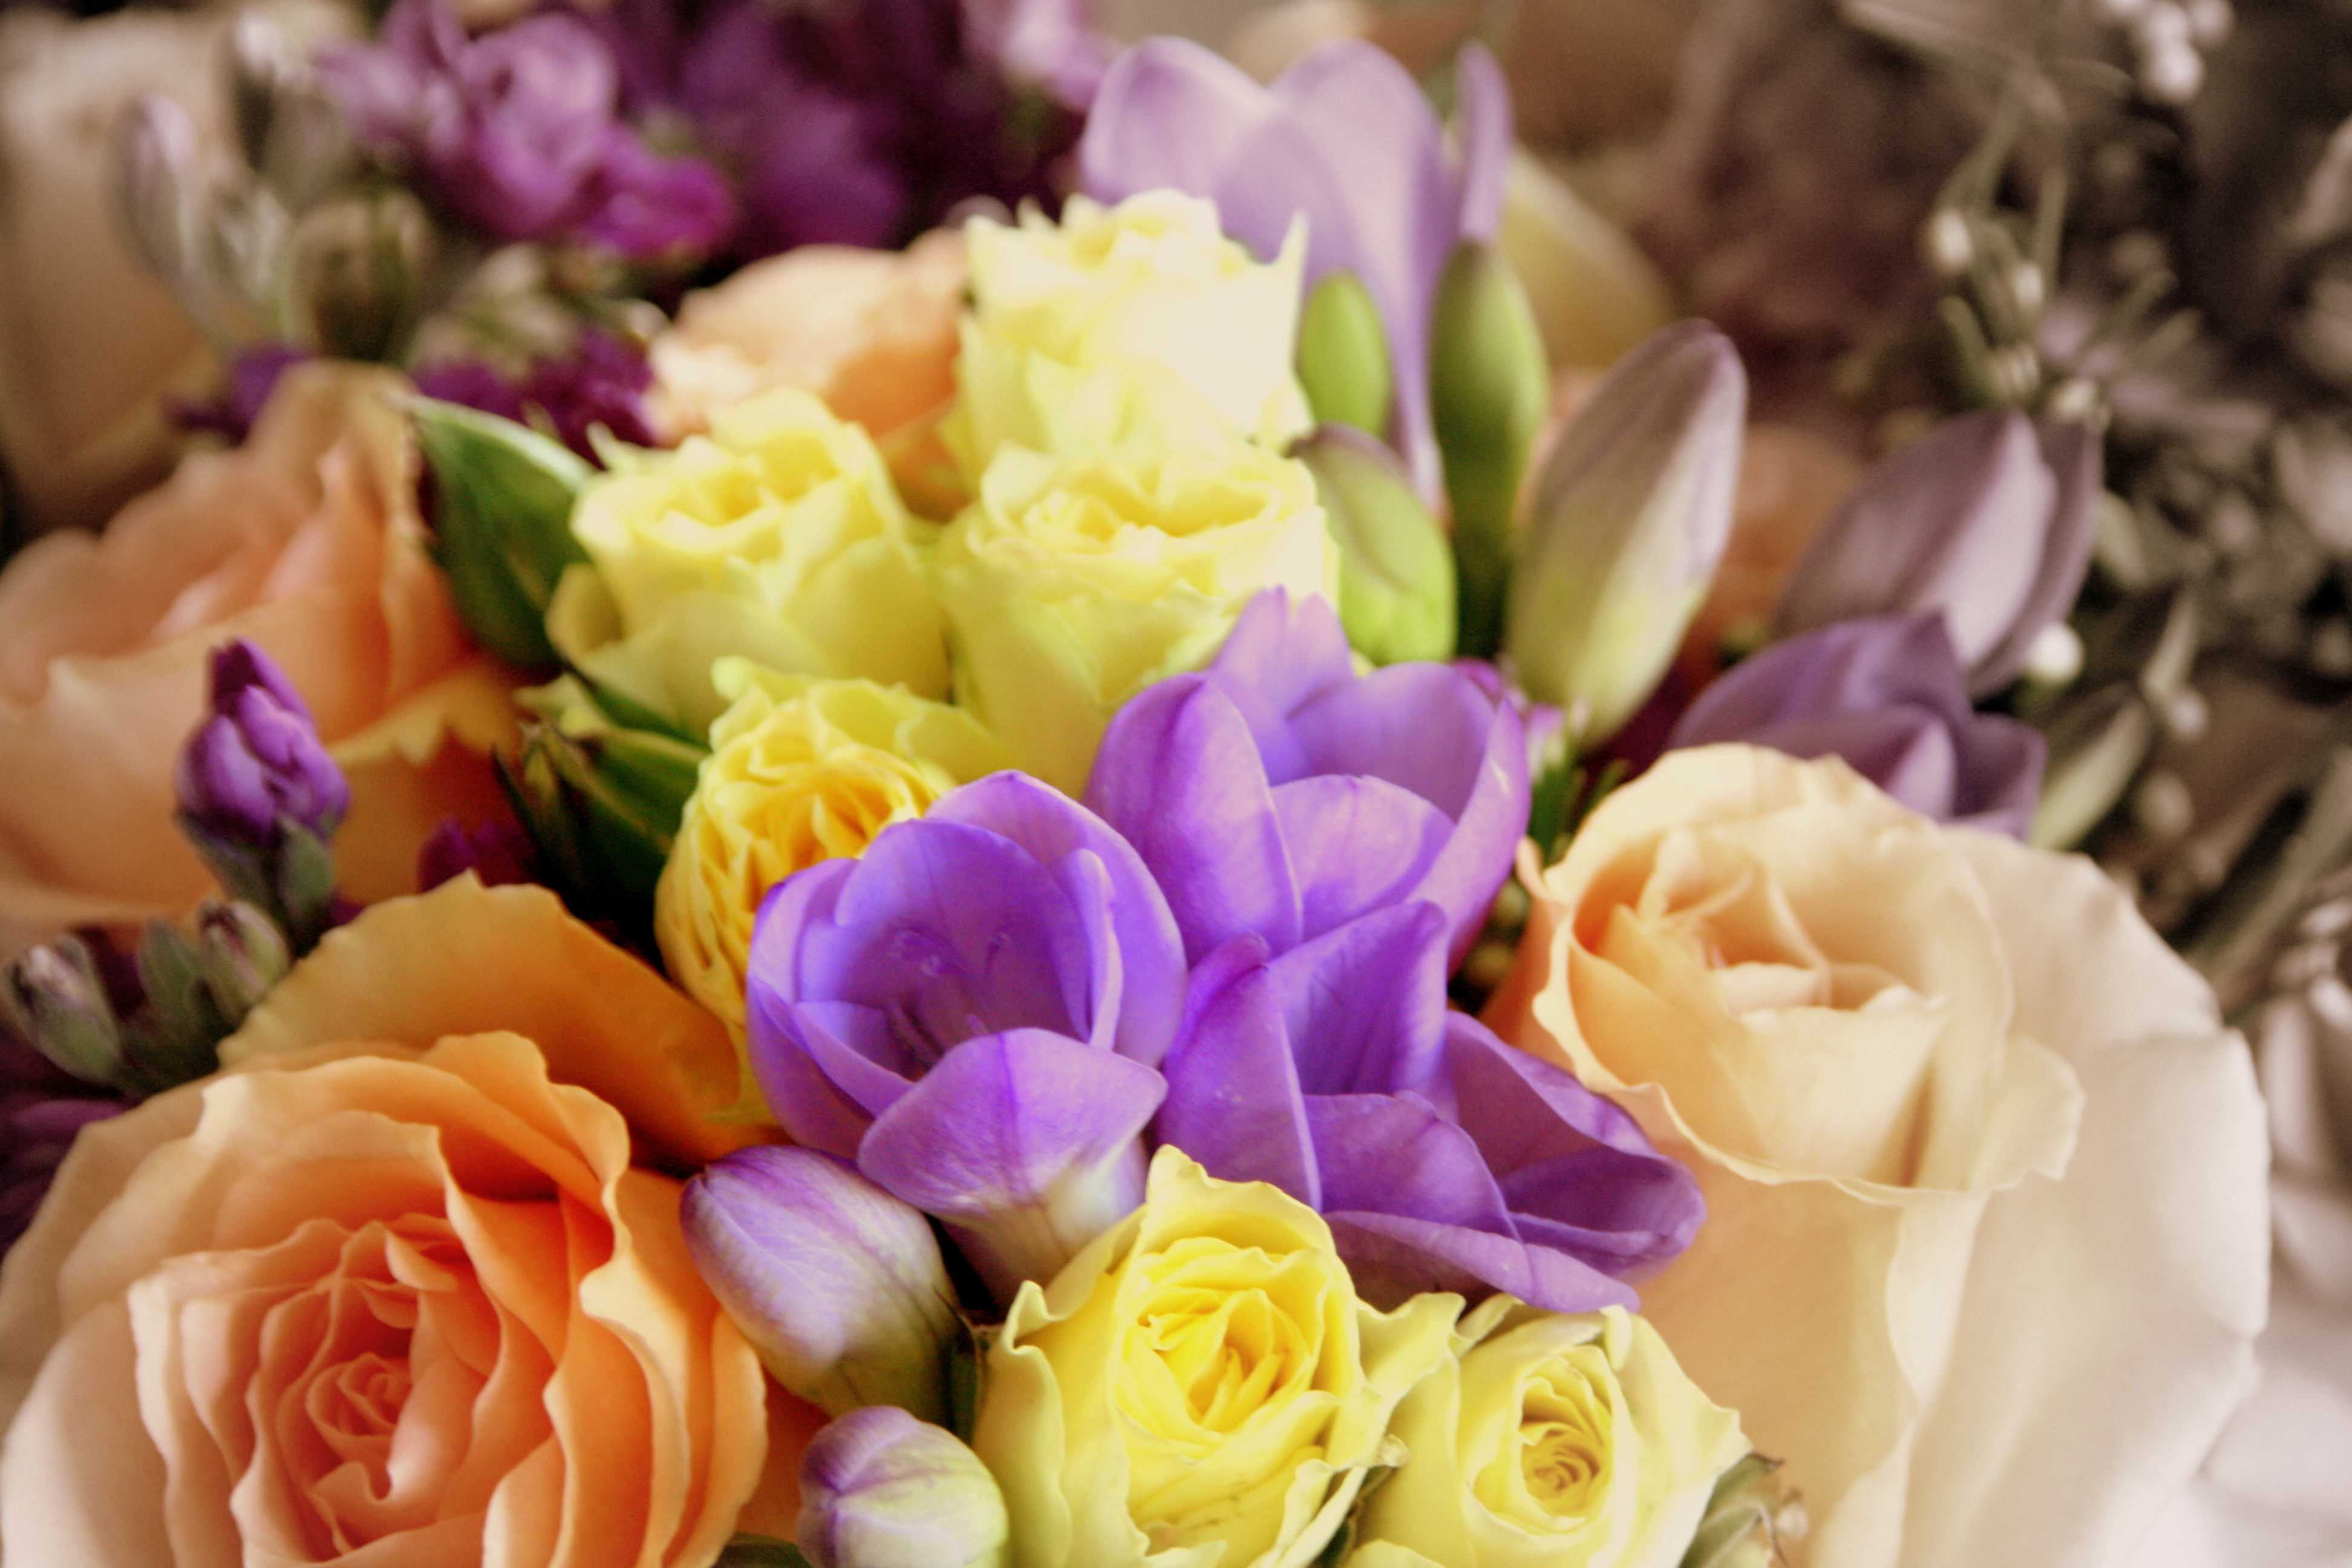 Flowers & Decor, yellow, purple, blue, Bride Bouquets, Flowers, Roses, Bouquet, Peach, Color, Sepia, K mycia photography